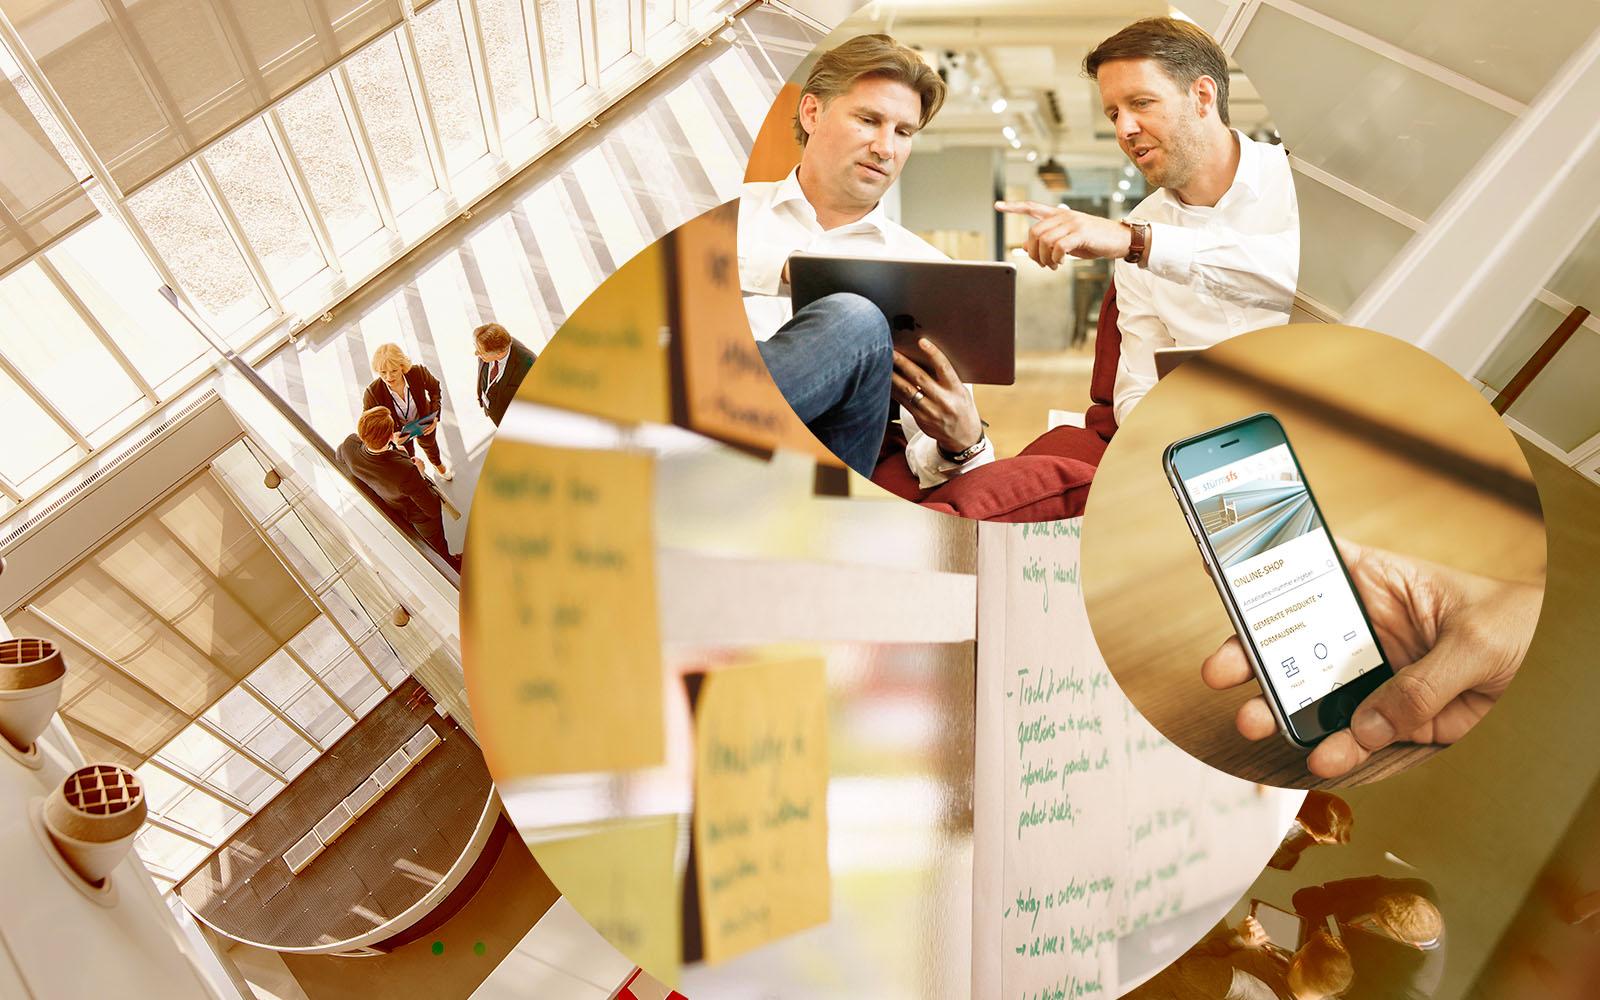 Bild von Urs Haeusler und Marc Philipp, valantic CEC Schweiz, Post-its an einem Whiteboard, Handy, Tablet, digitale Strategien